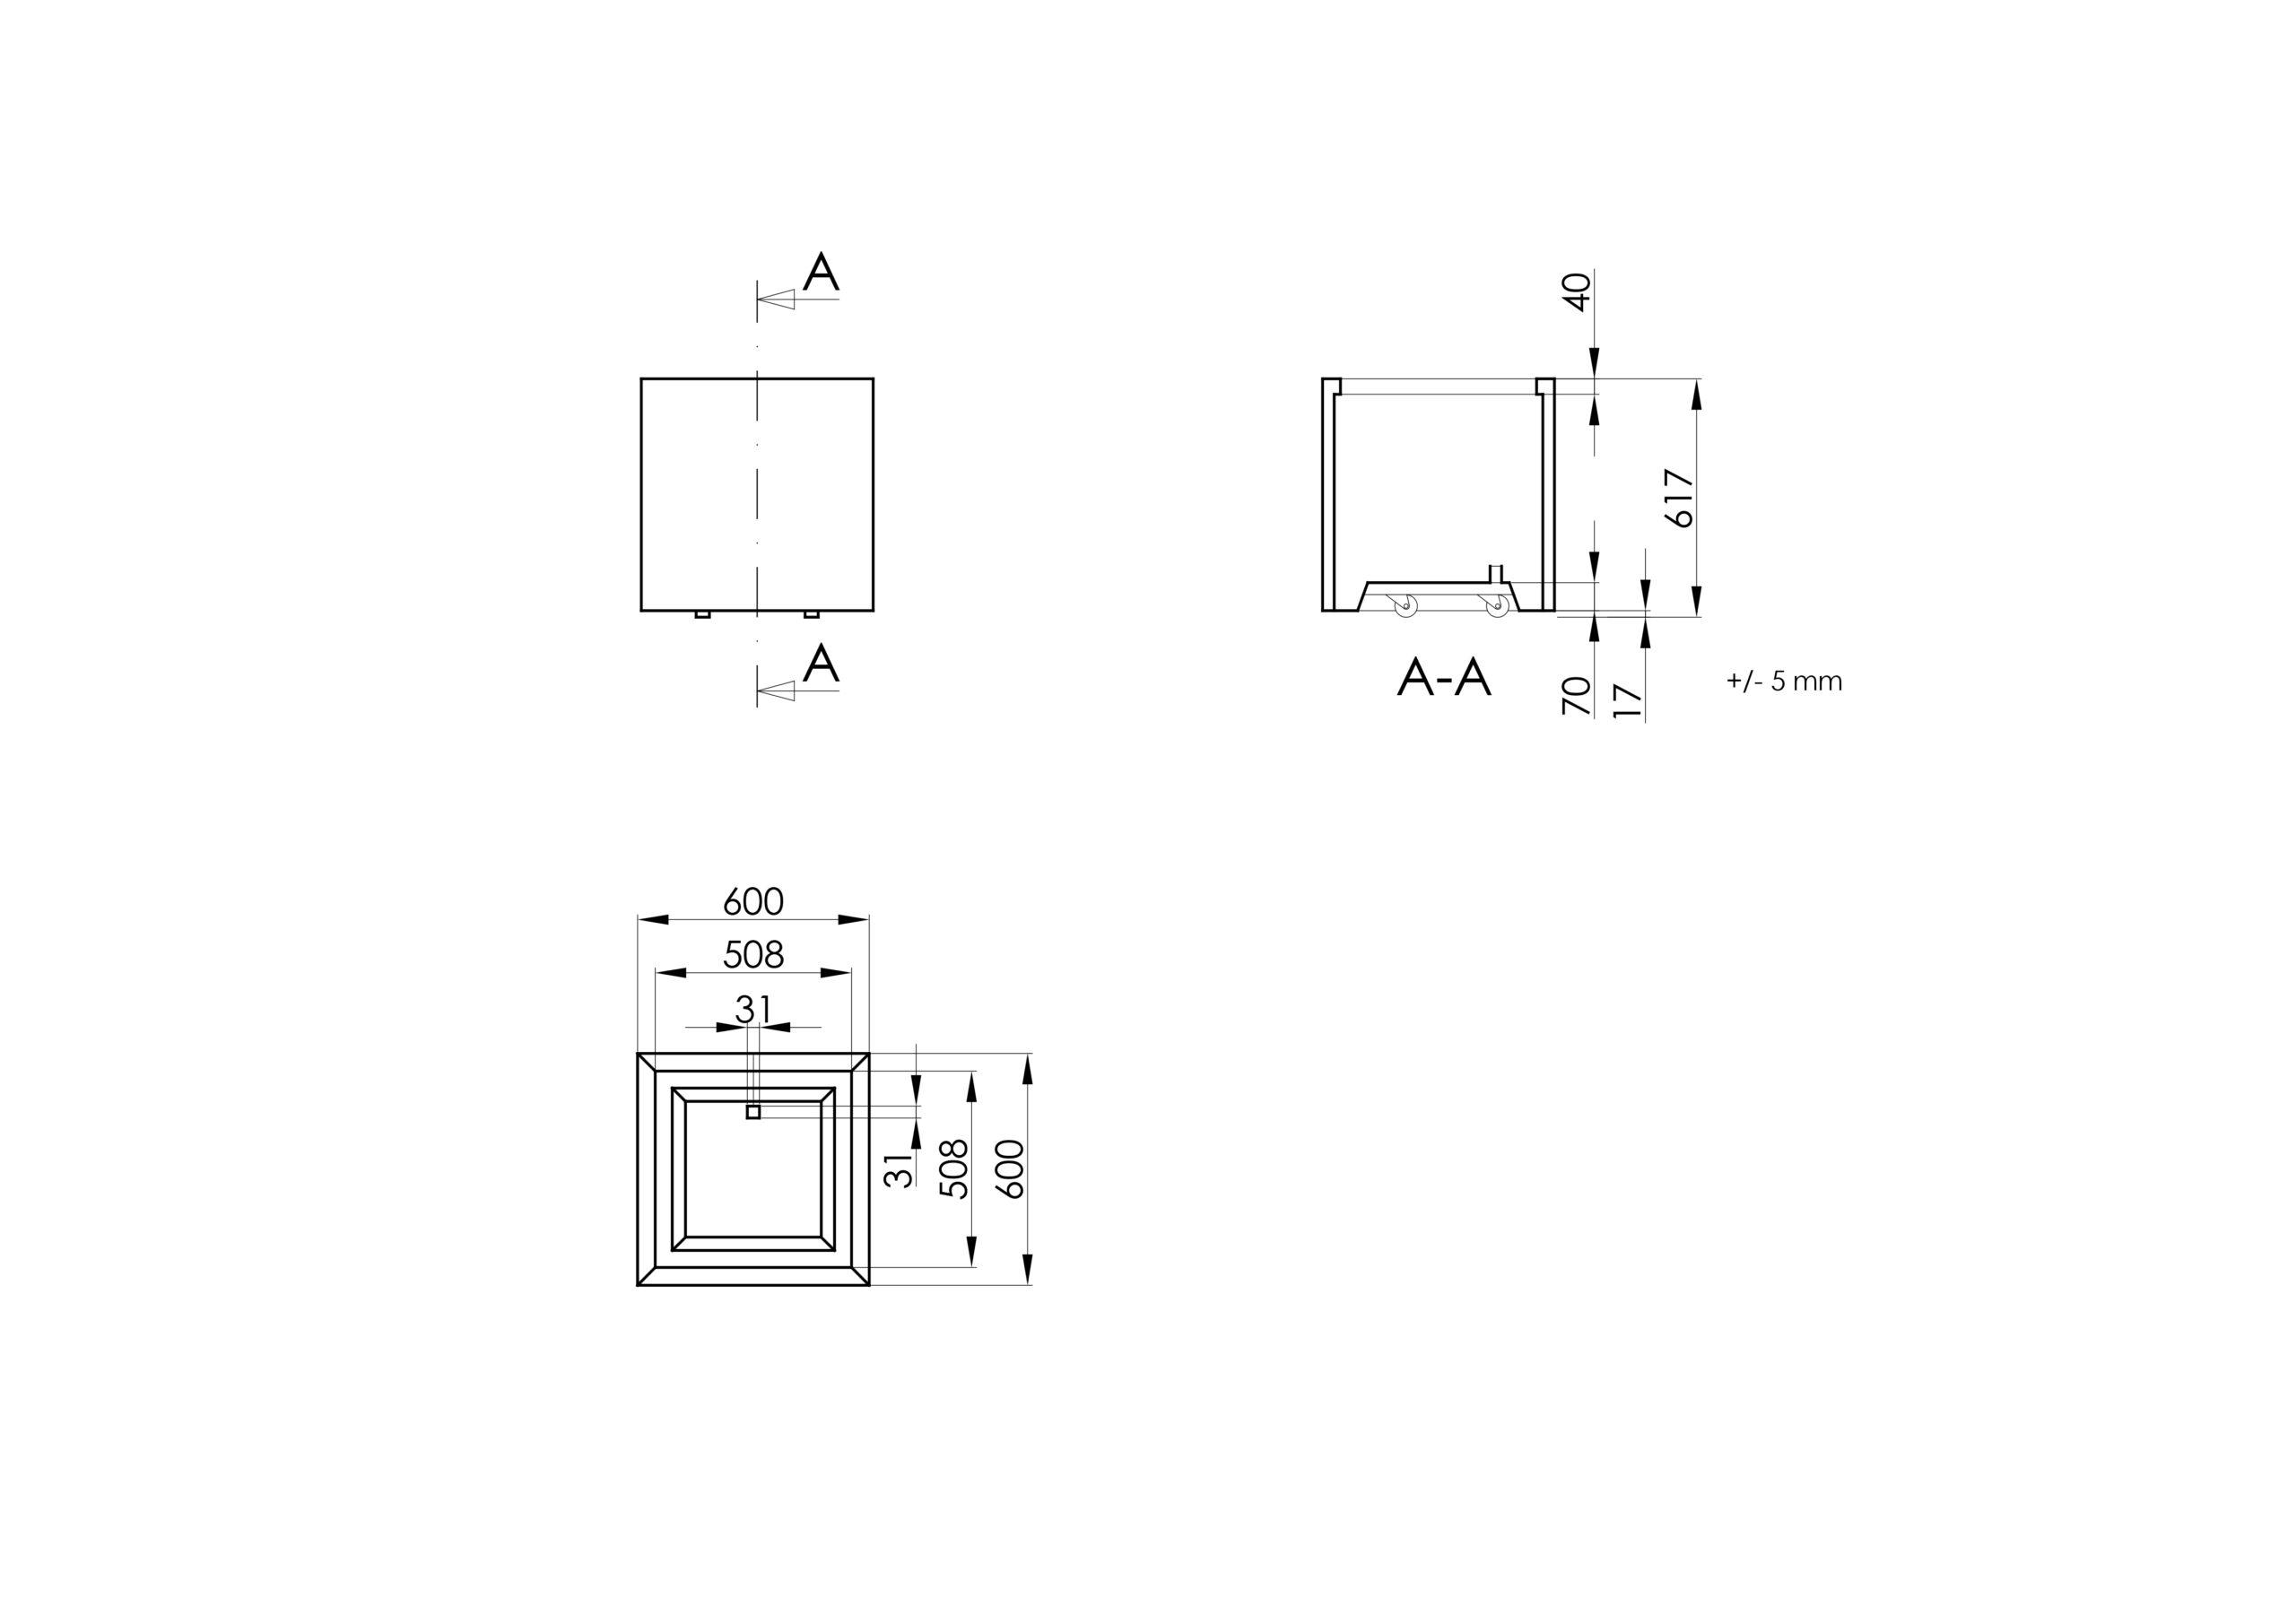 Ivo- Technisches Zeichnen